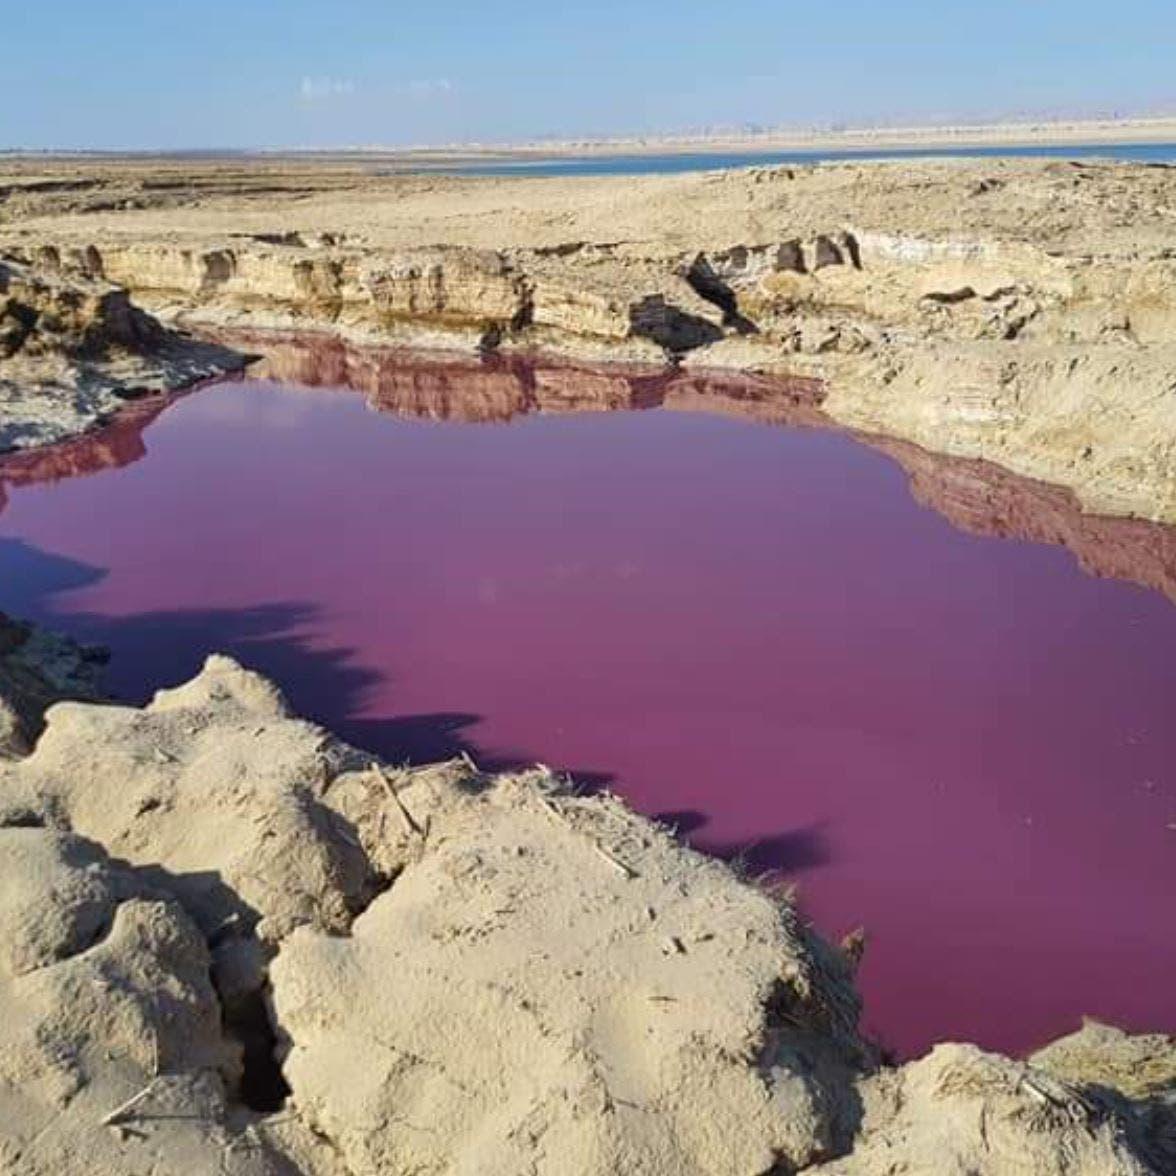 ضجة في الأردن.. بركة حمراء غريبة بجانب البحر الميت